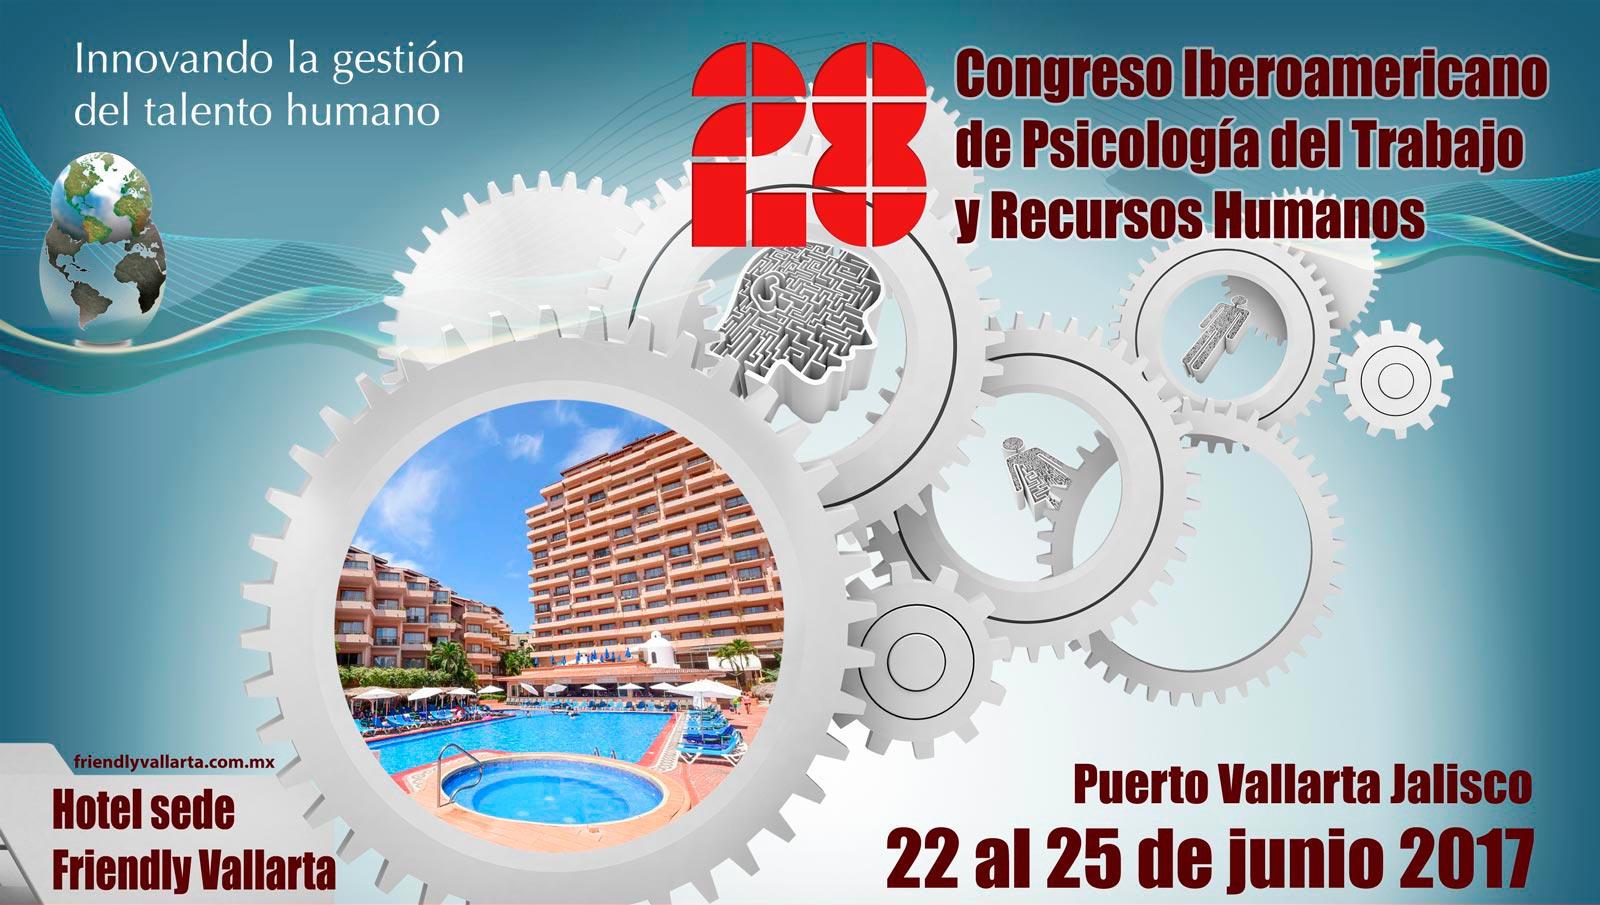 28 Congreso Iberoamericano de Psicología del Trabajo y Recursos Humanos